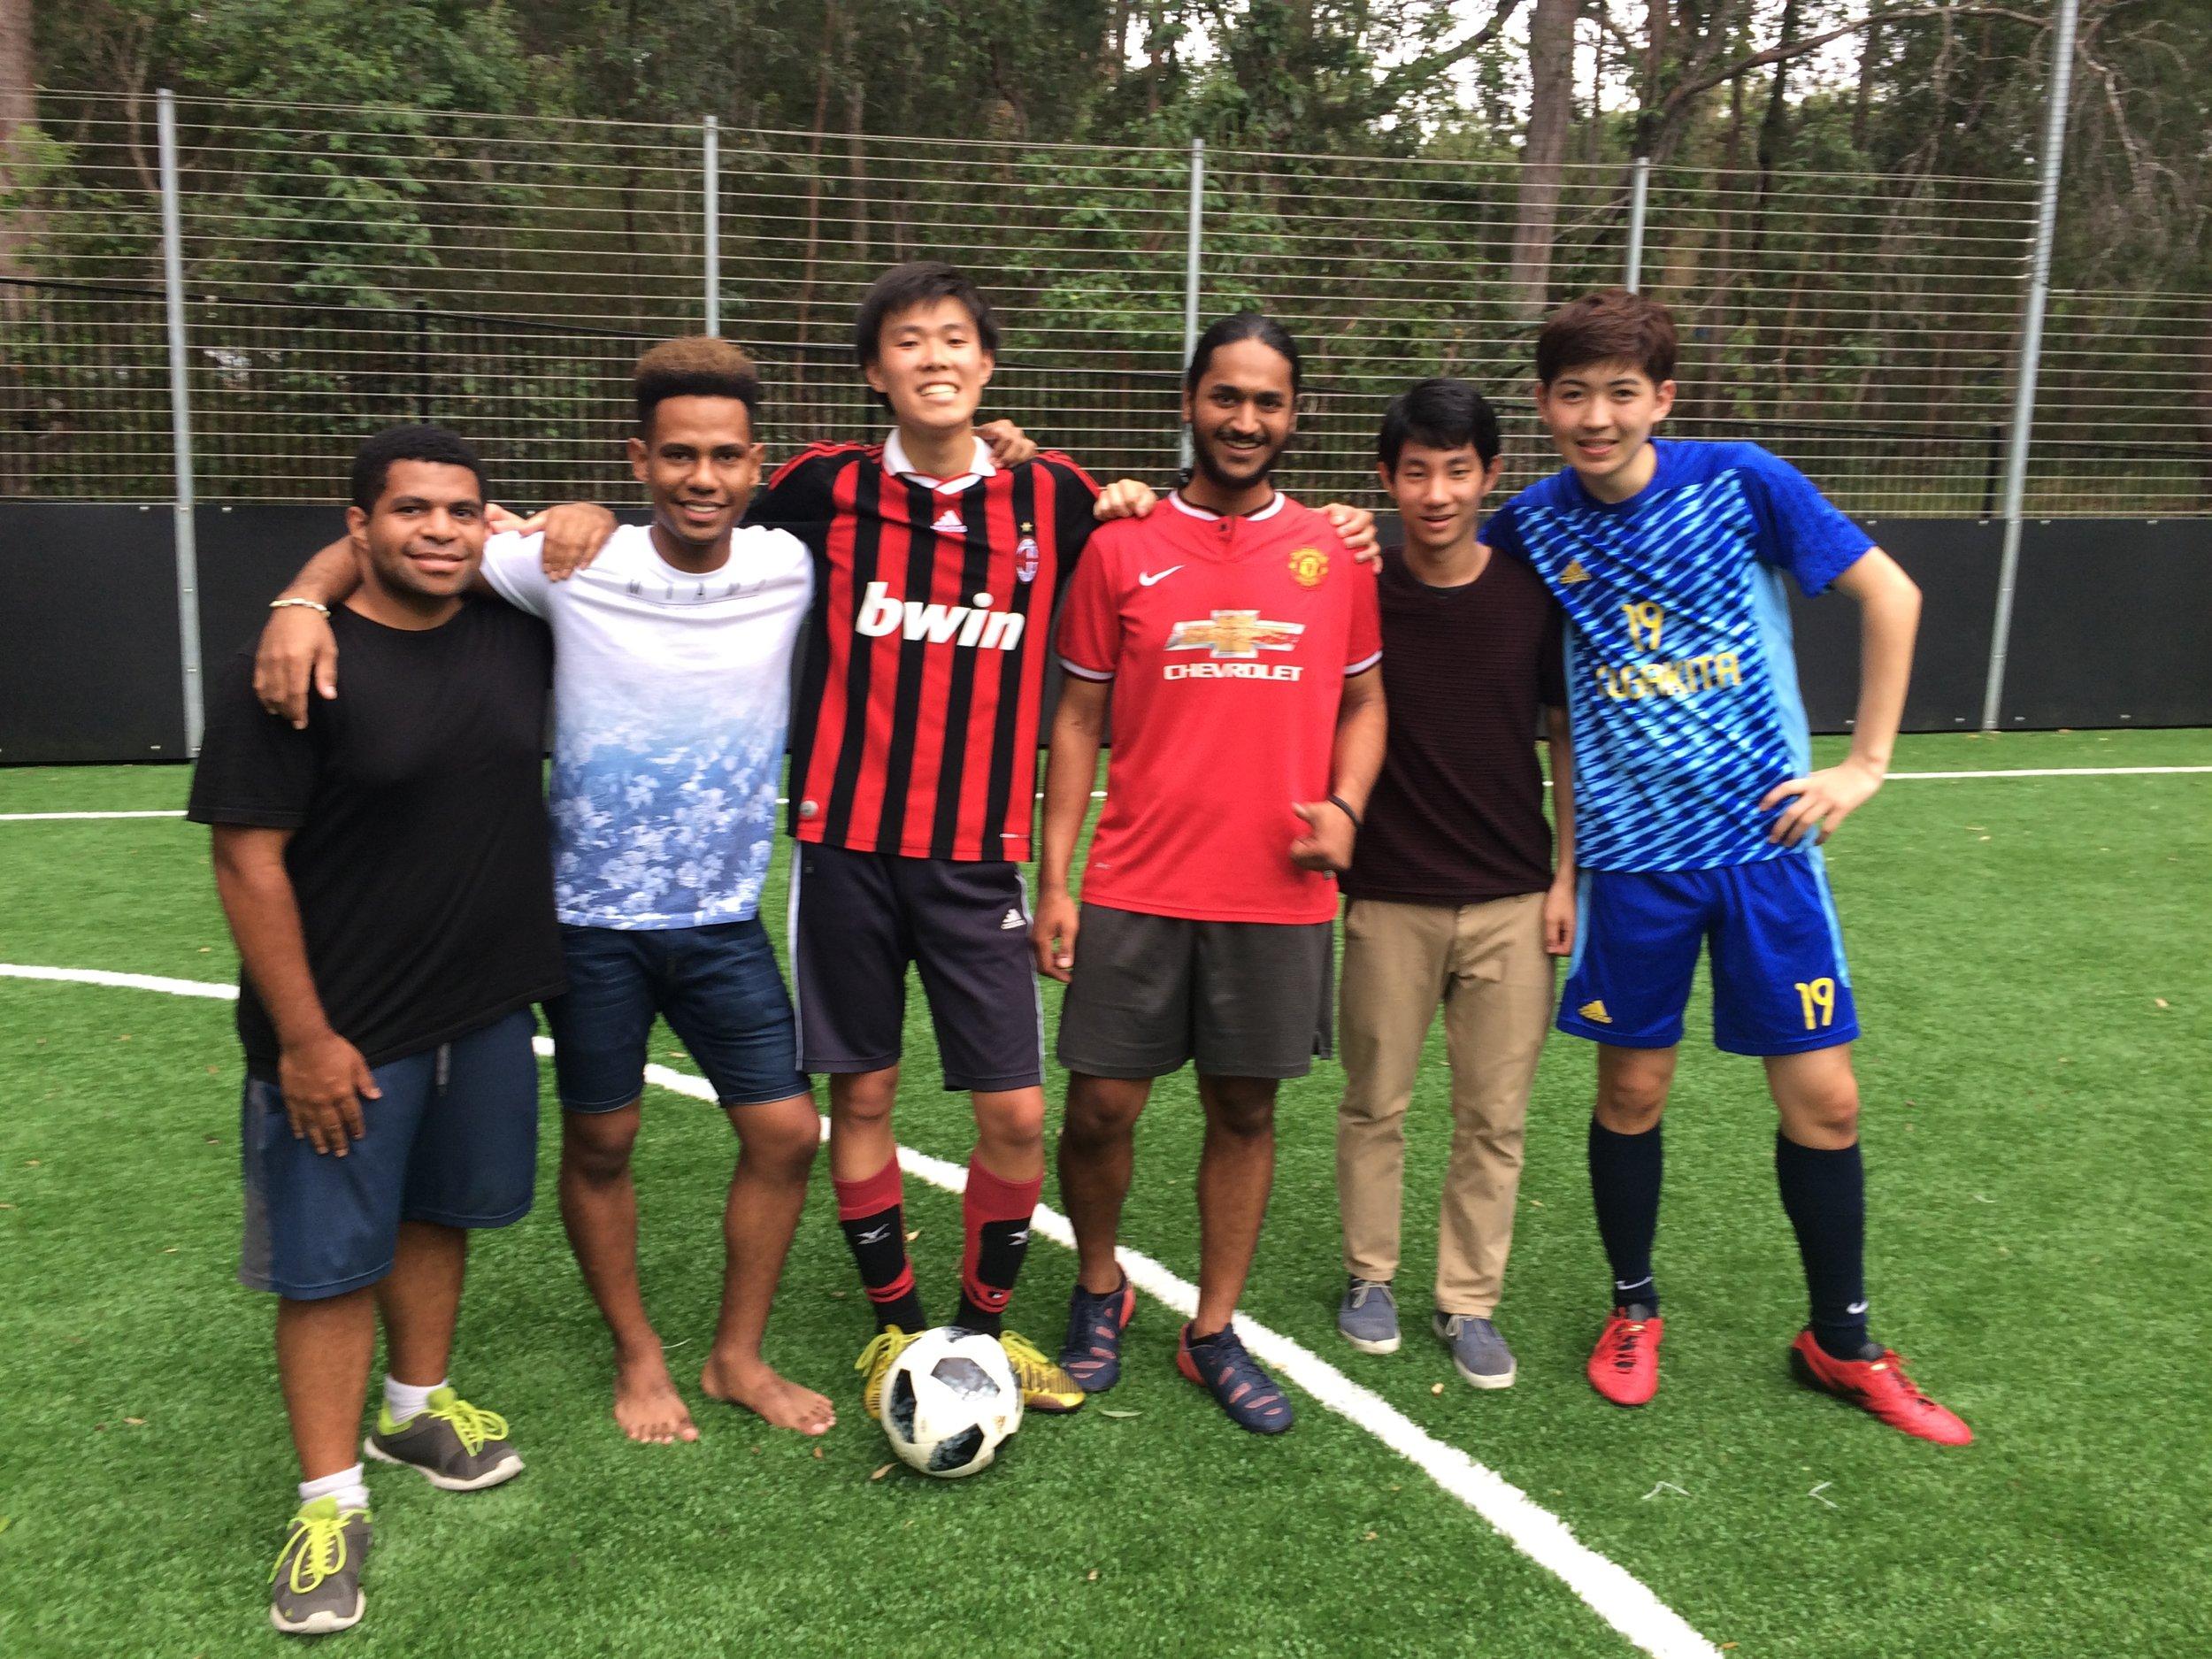 Team Oweek Social Soccer.JPG